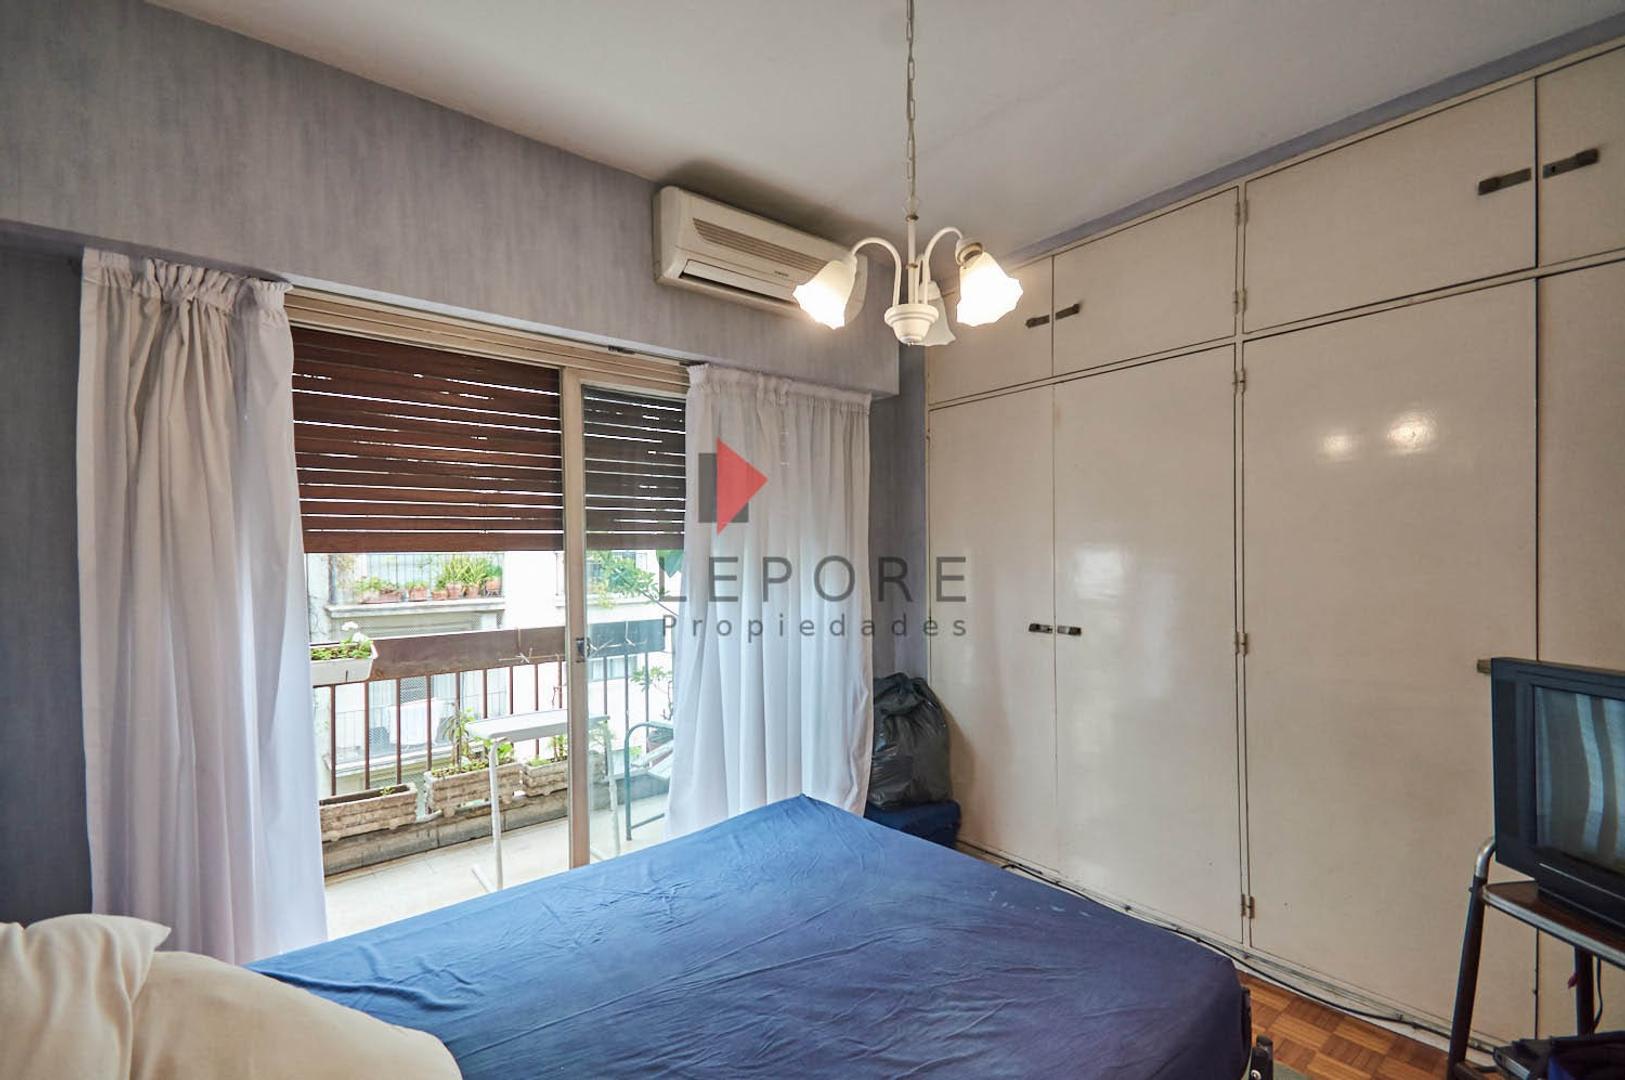 3 ambientes en venta LEPORE - Foto 14